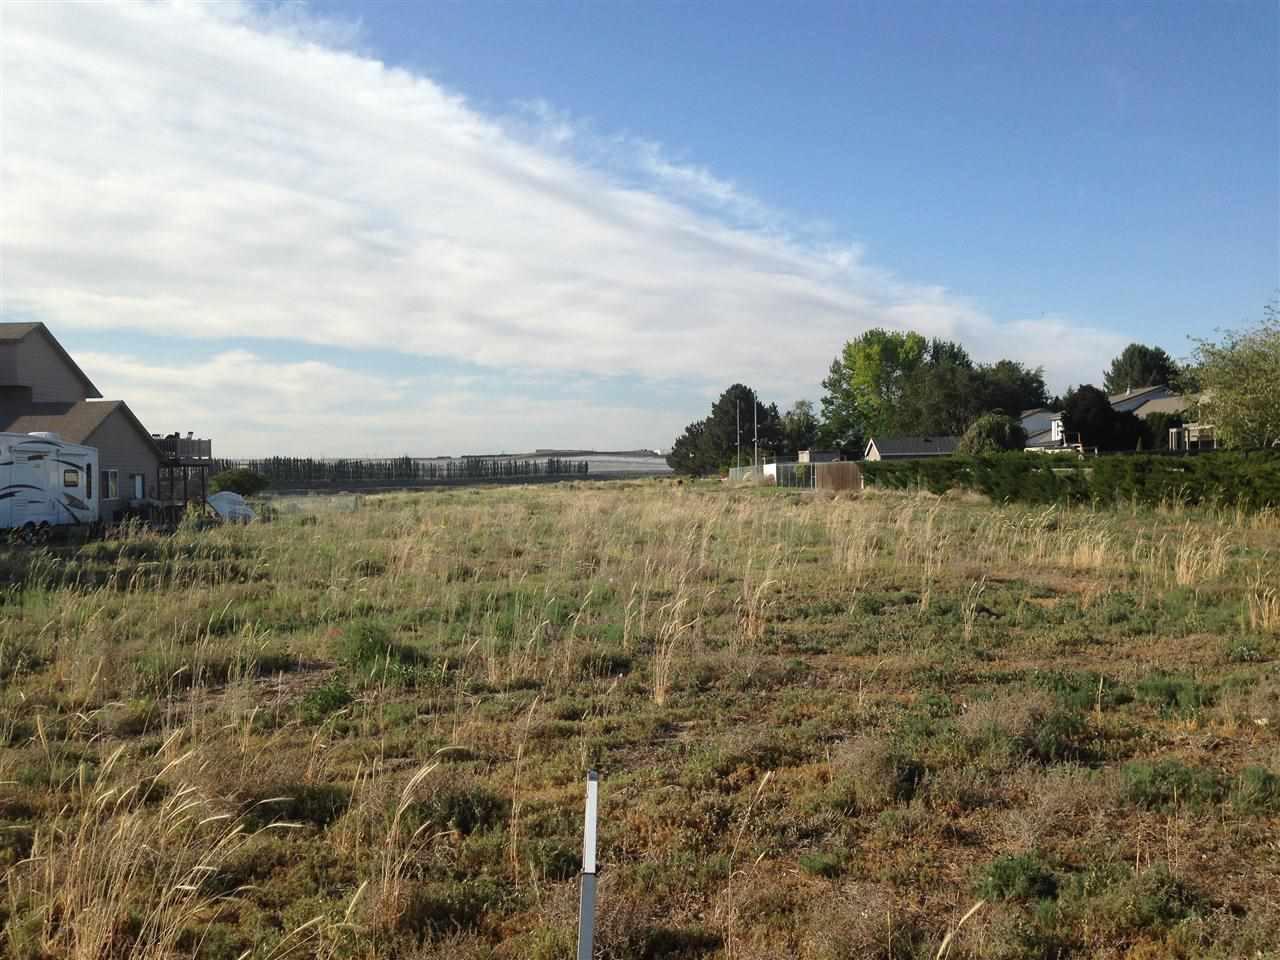 Land / Lots for Sale at 1105 Paradise 1105 Paradise Burbank, Washington 99323 United States